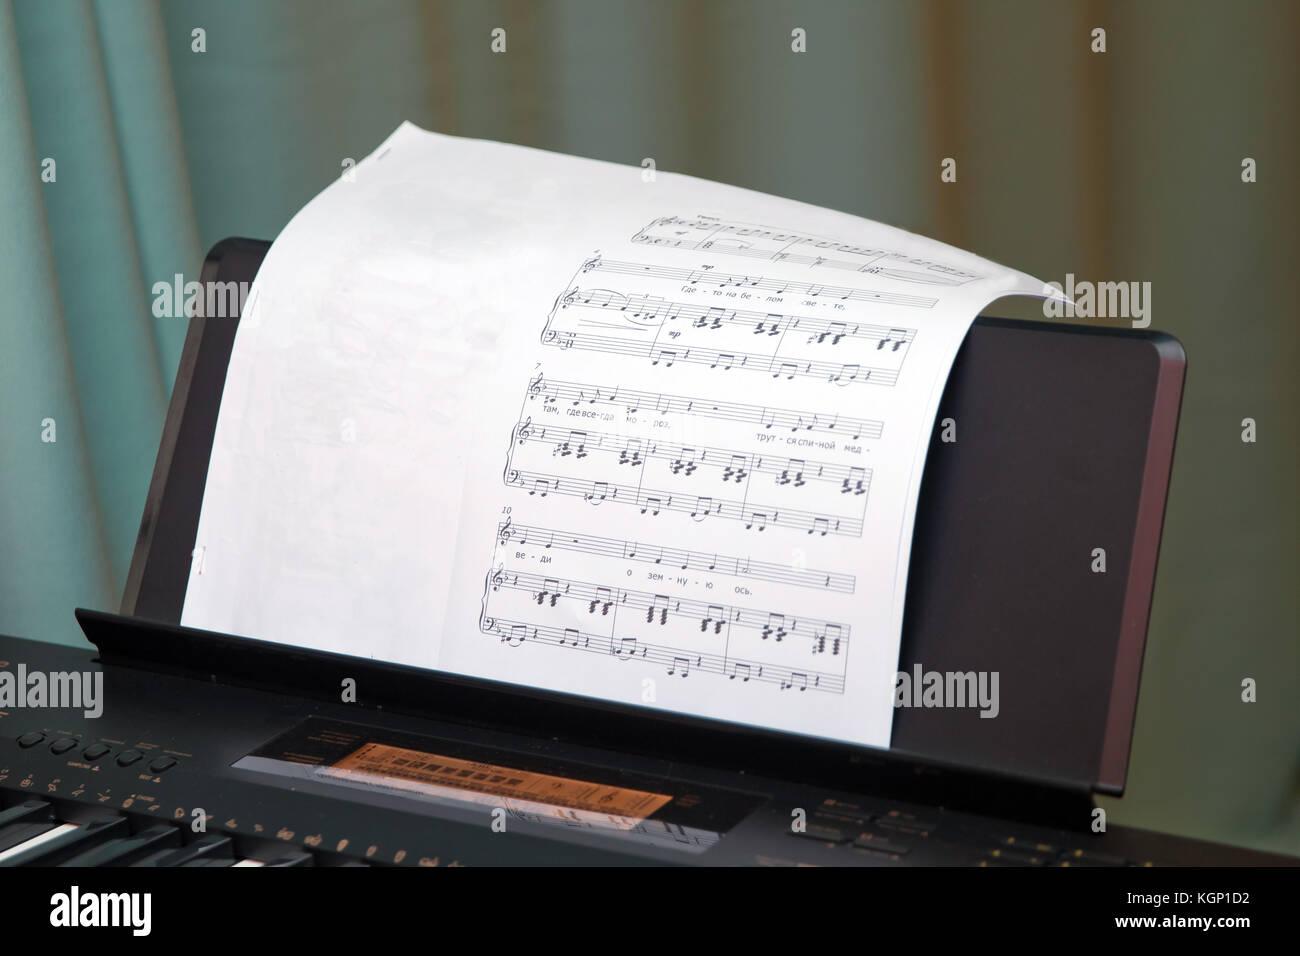 Keys electronic synthesizer close up. Musical instruments Electronic synthesizer piano keyboard isolated on white - Stock Image